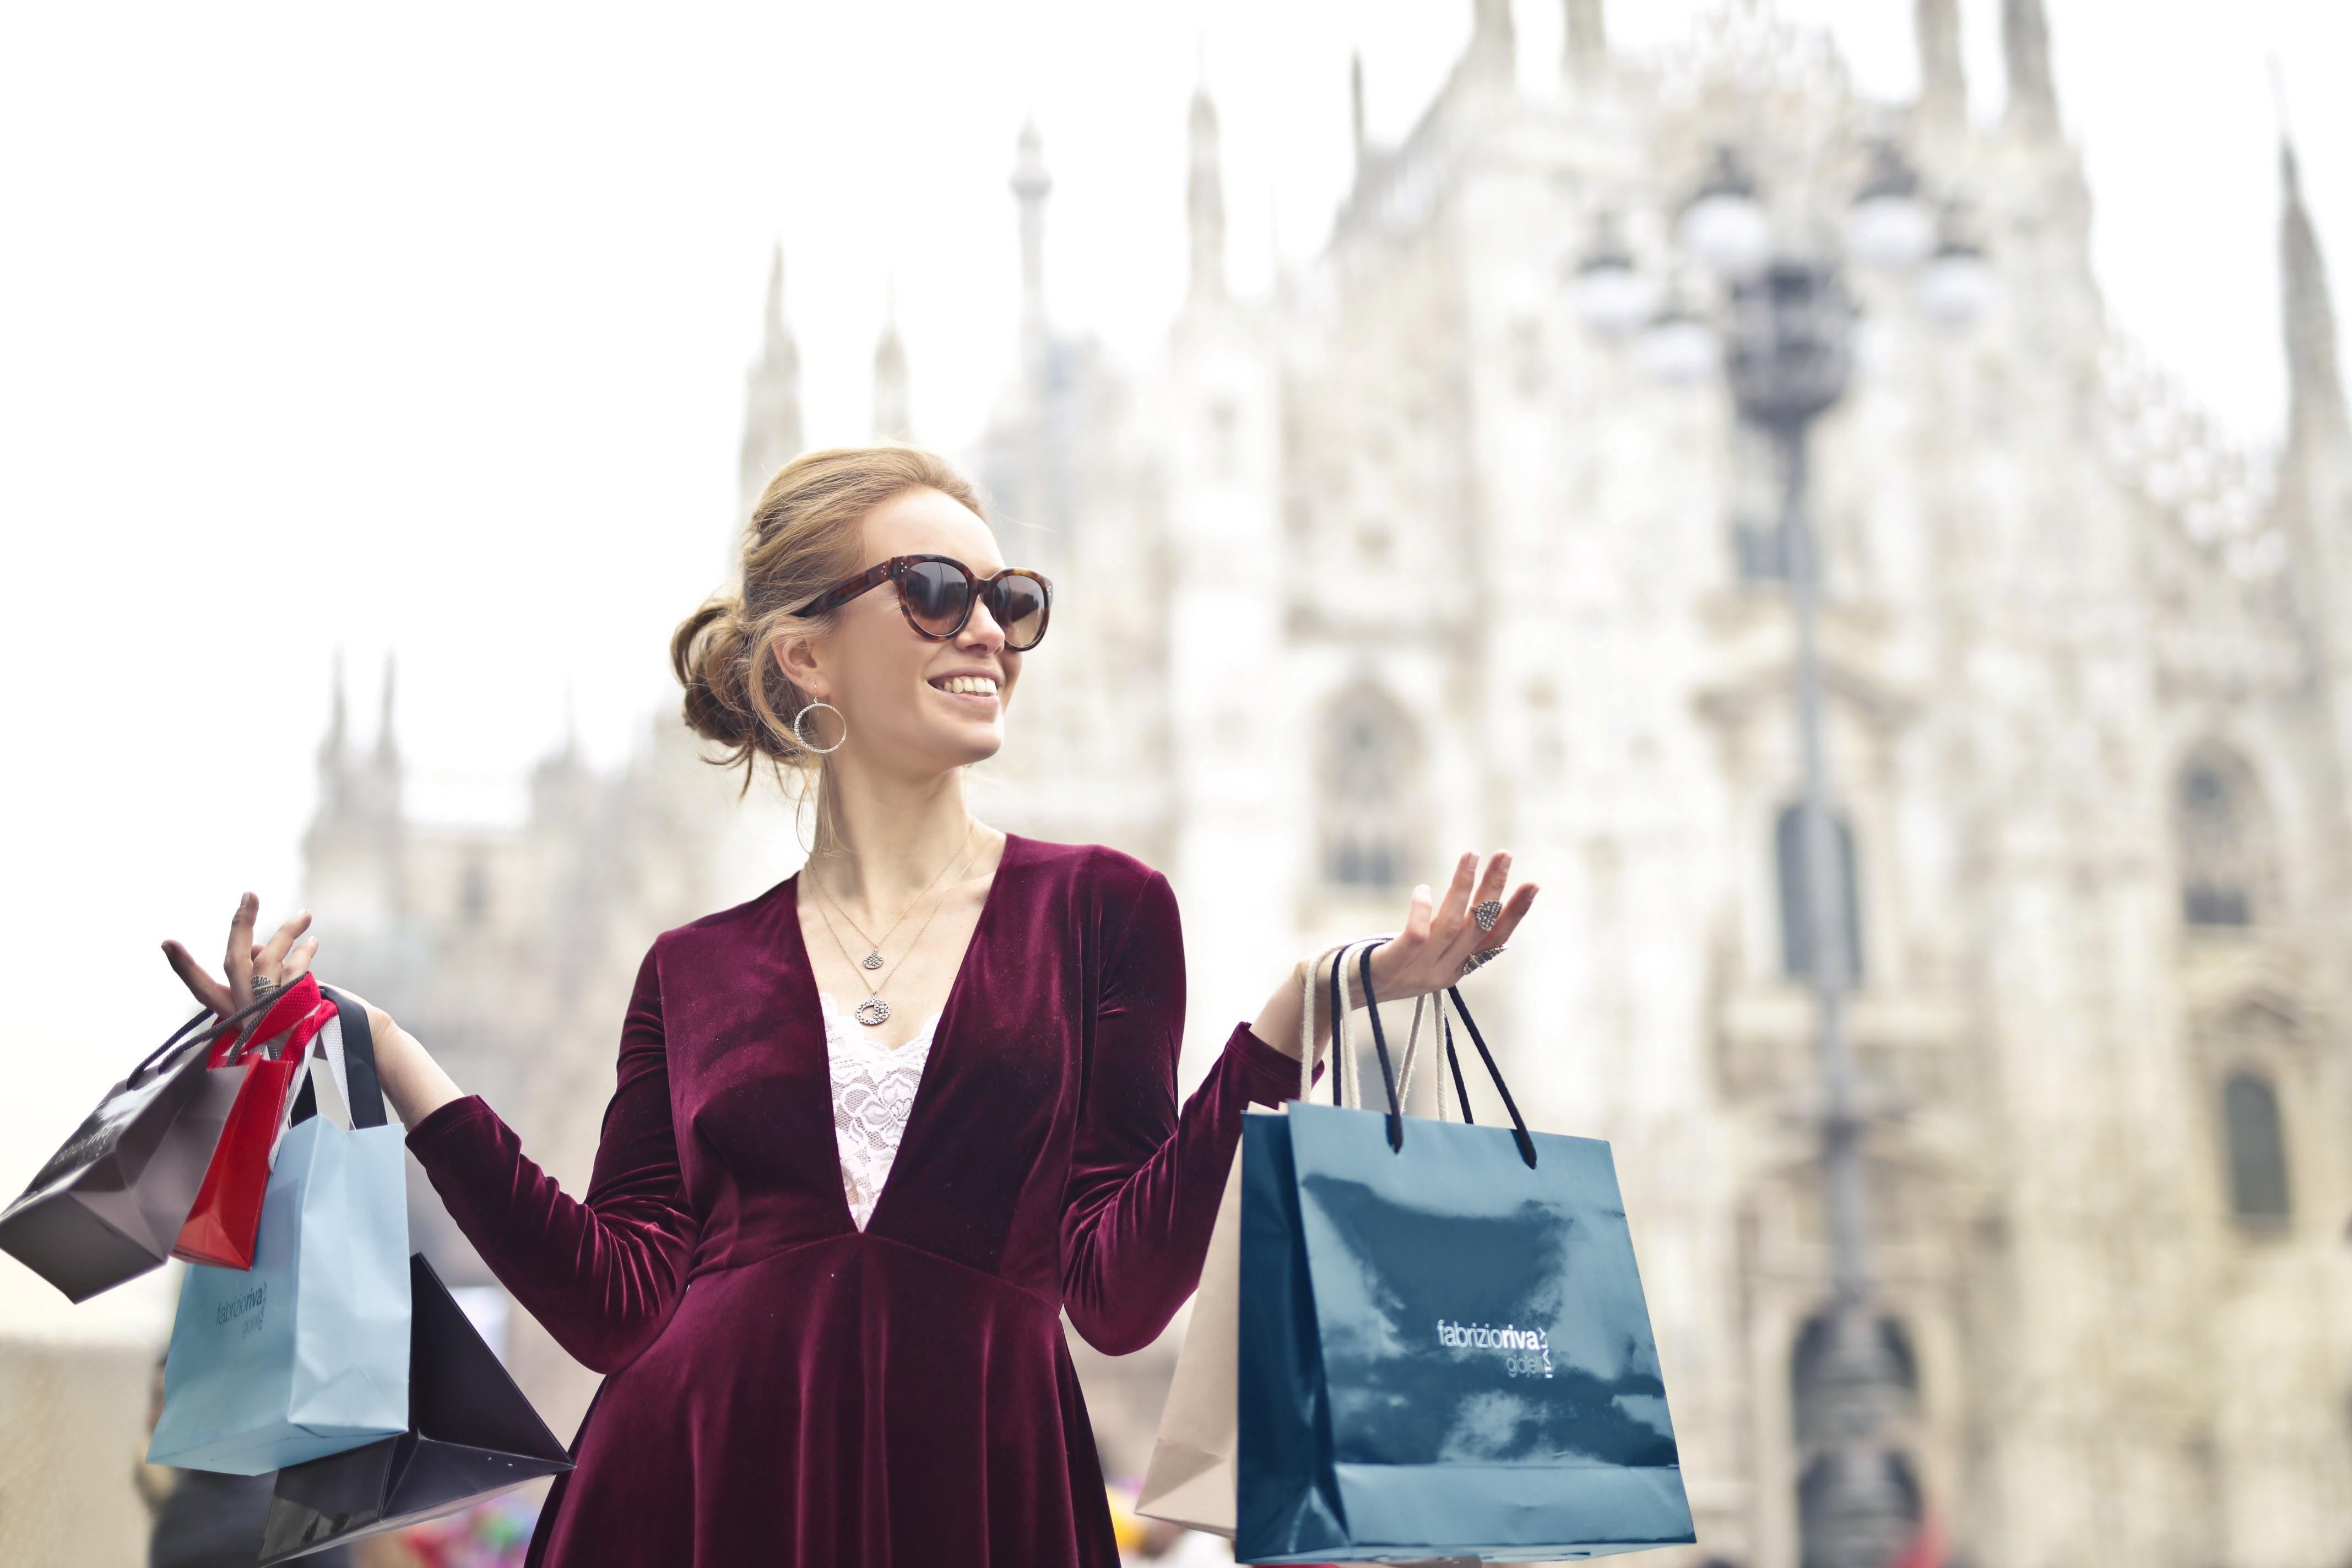 Куда девать мужчину в отпуске, если тебе надо пройтись по магазинам